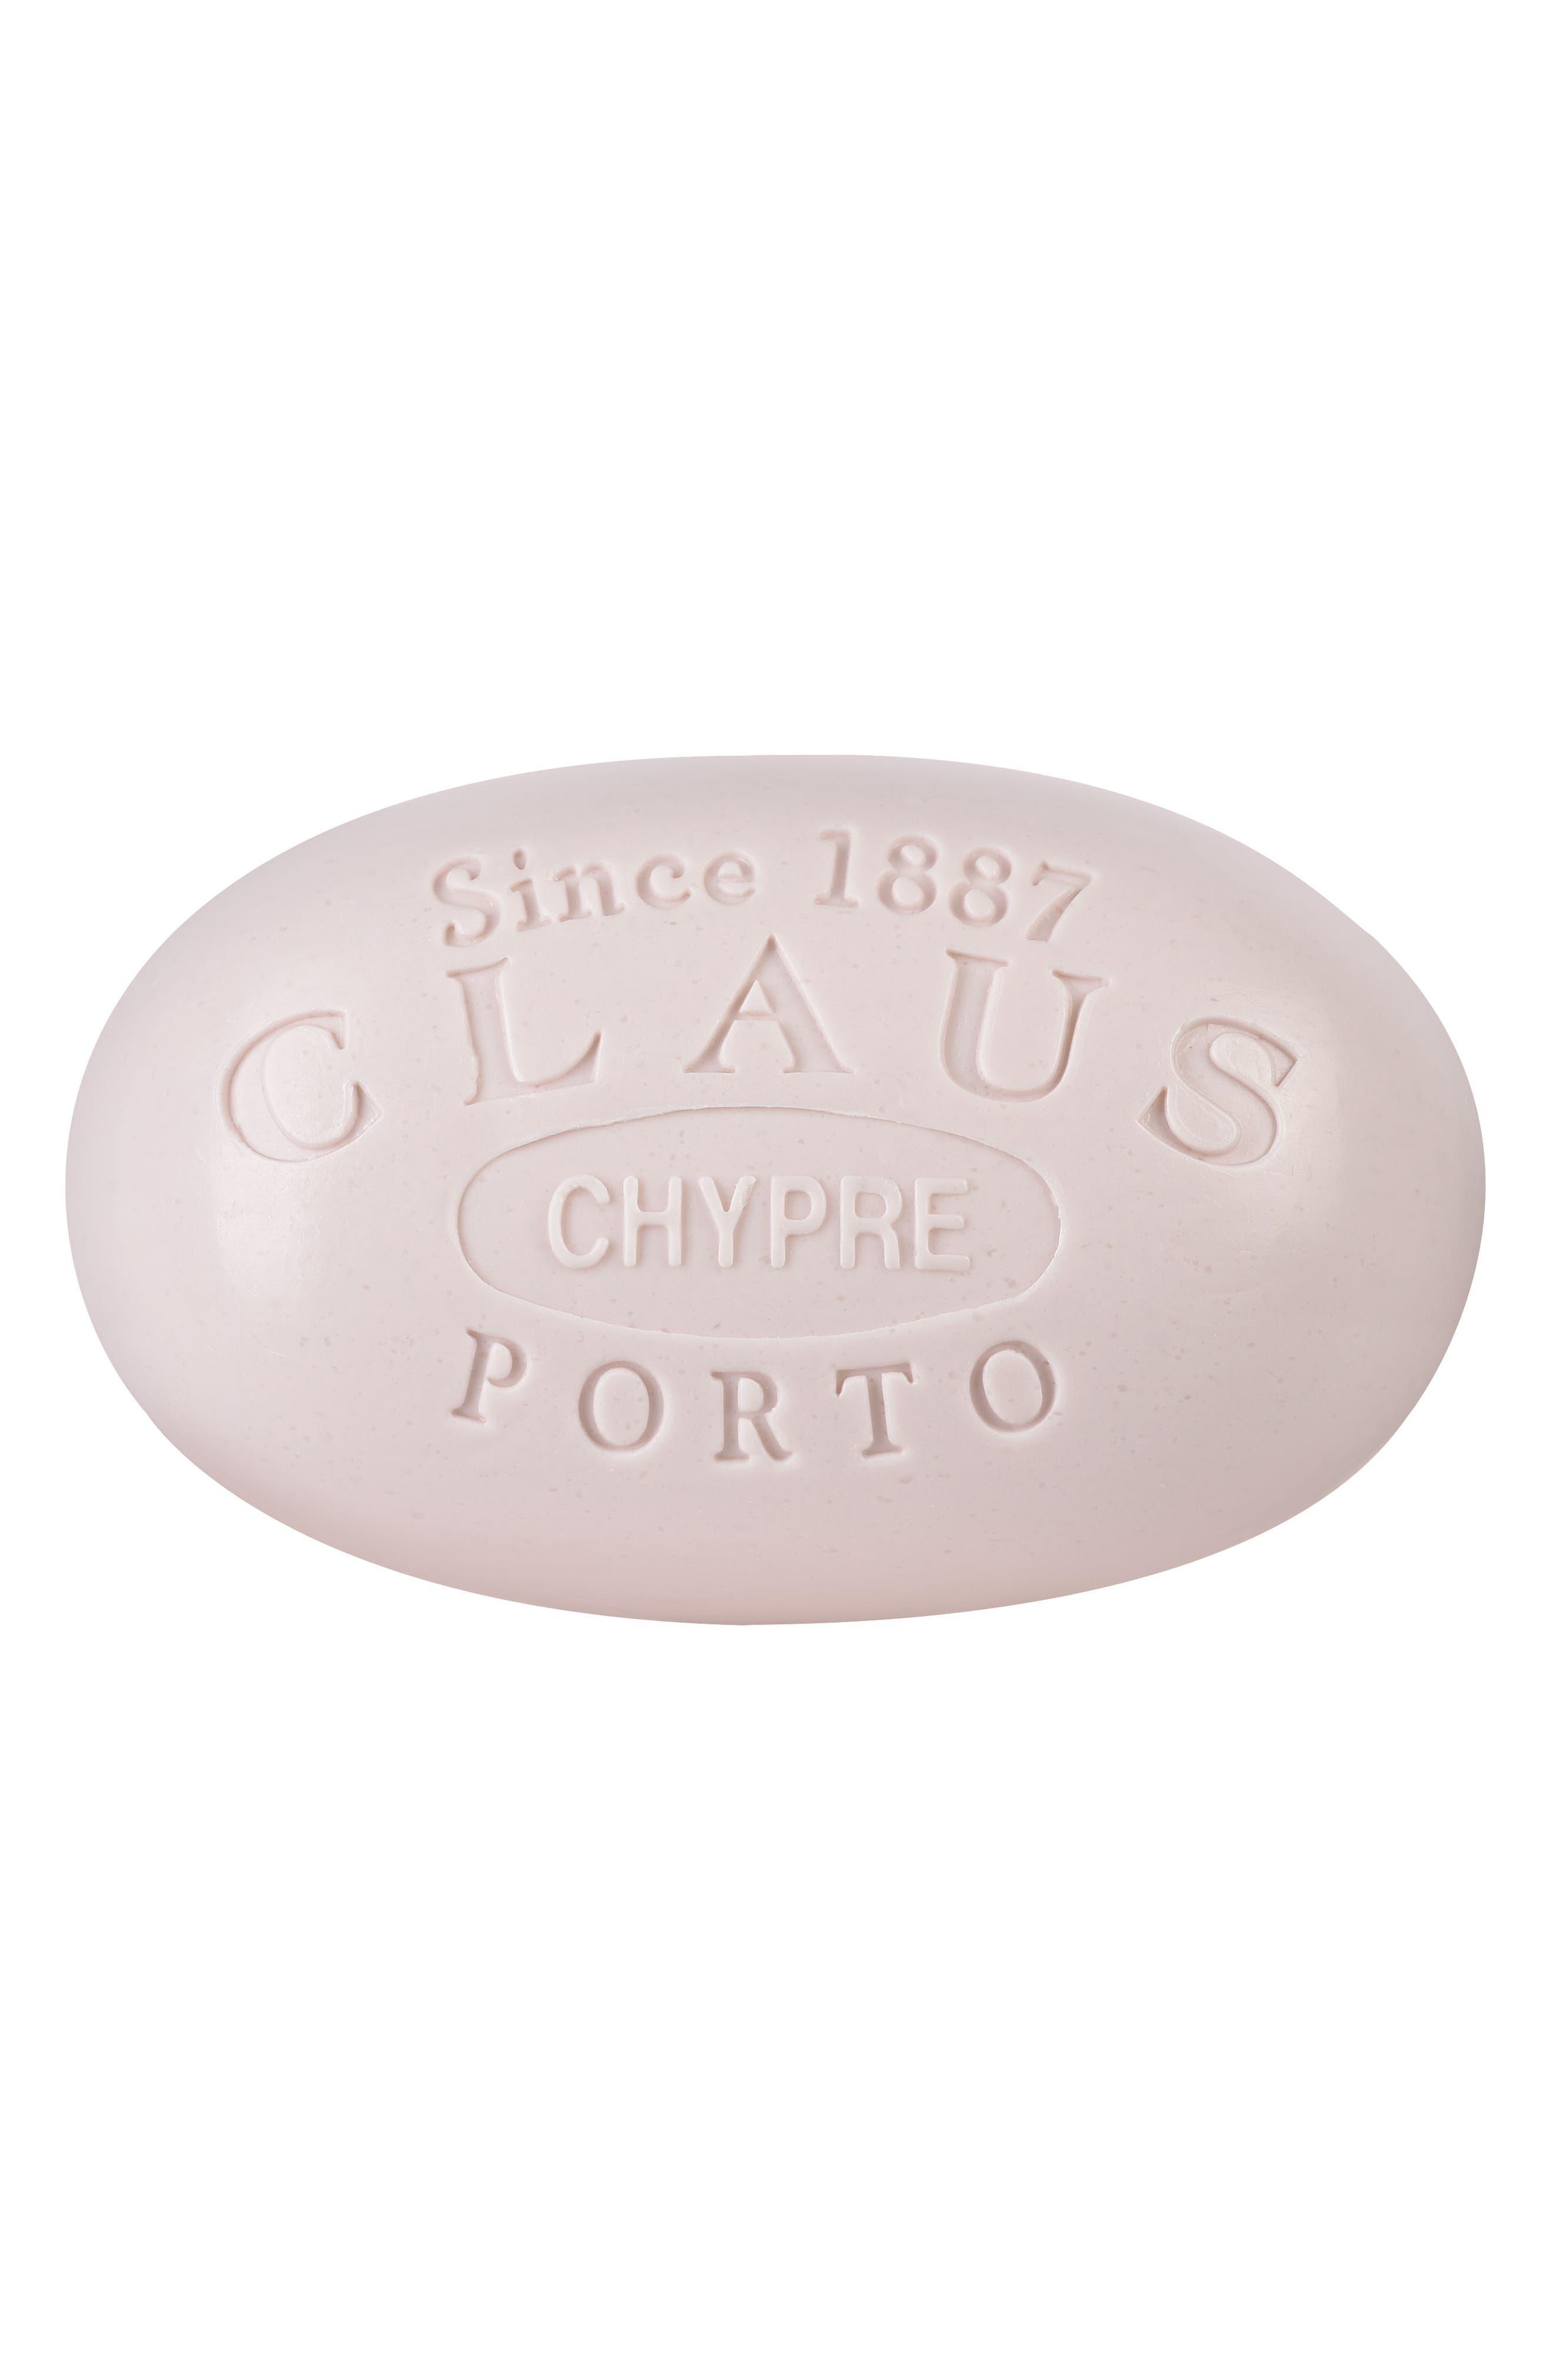 Chypre Cedar Poinsettia Bath Soap,                             Main thumbnail 1, color,                             No Color